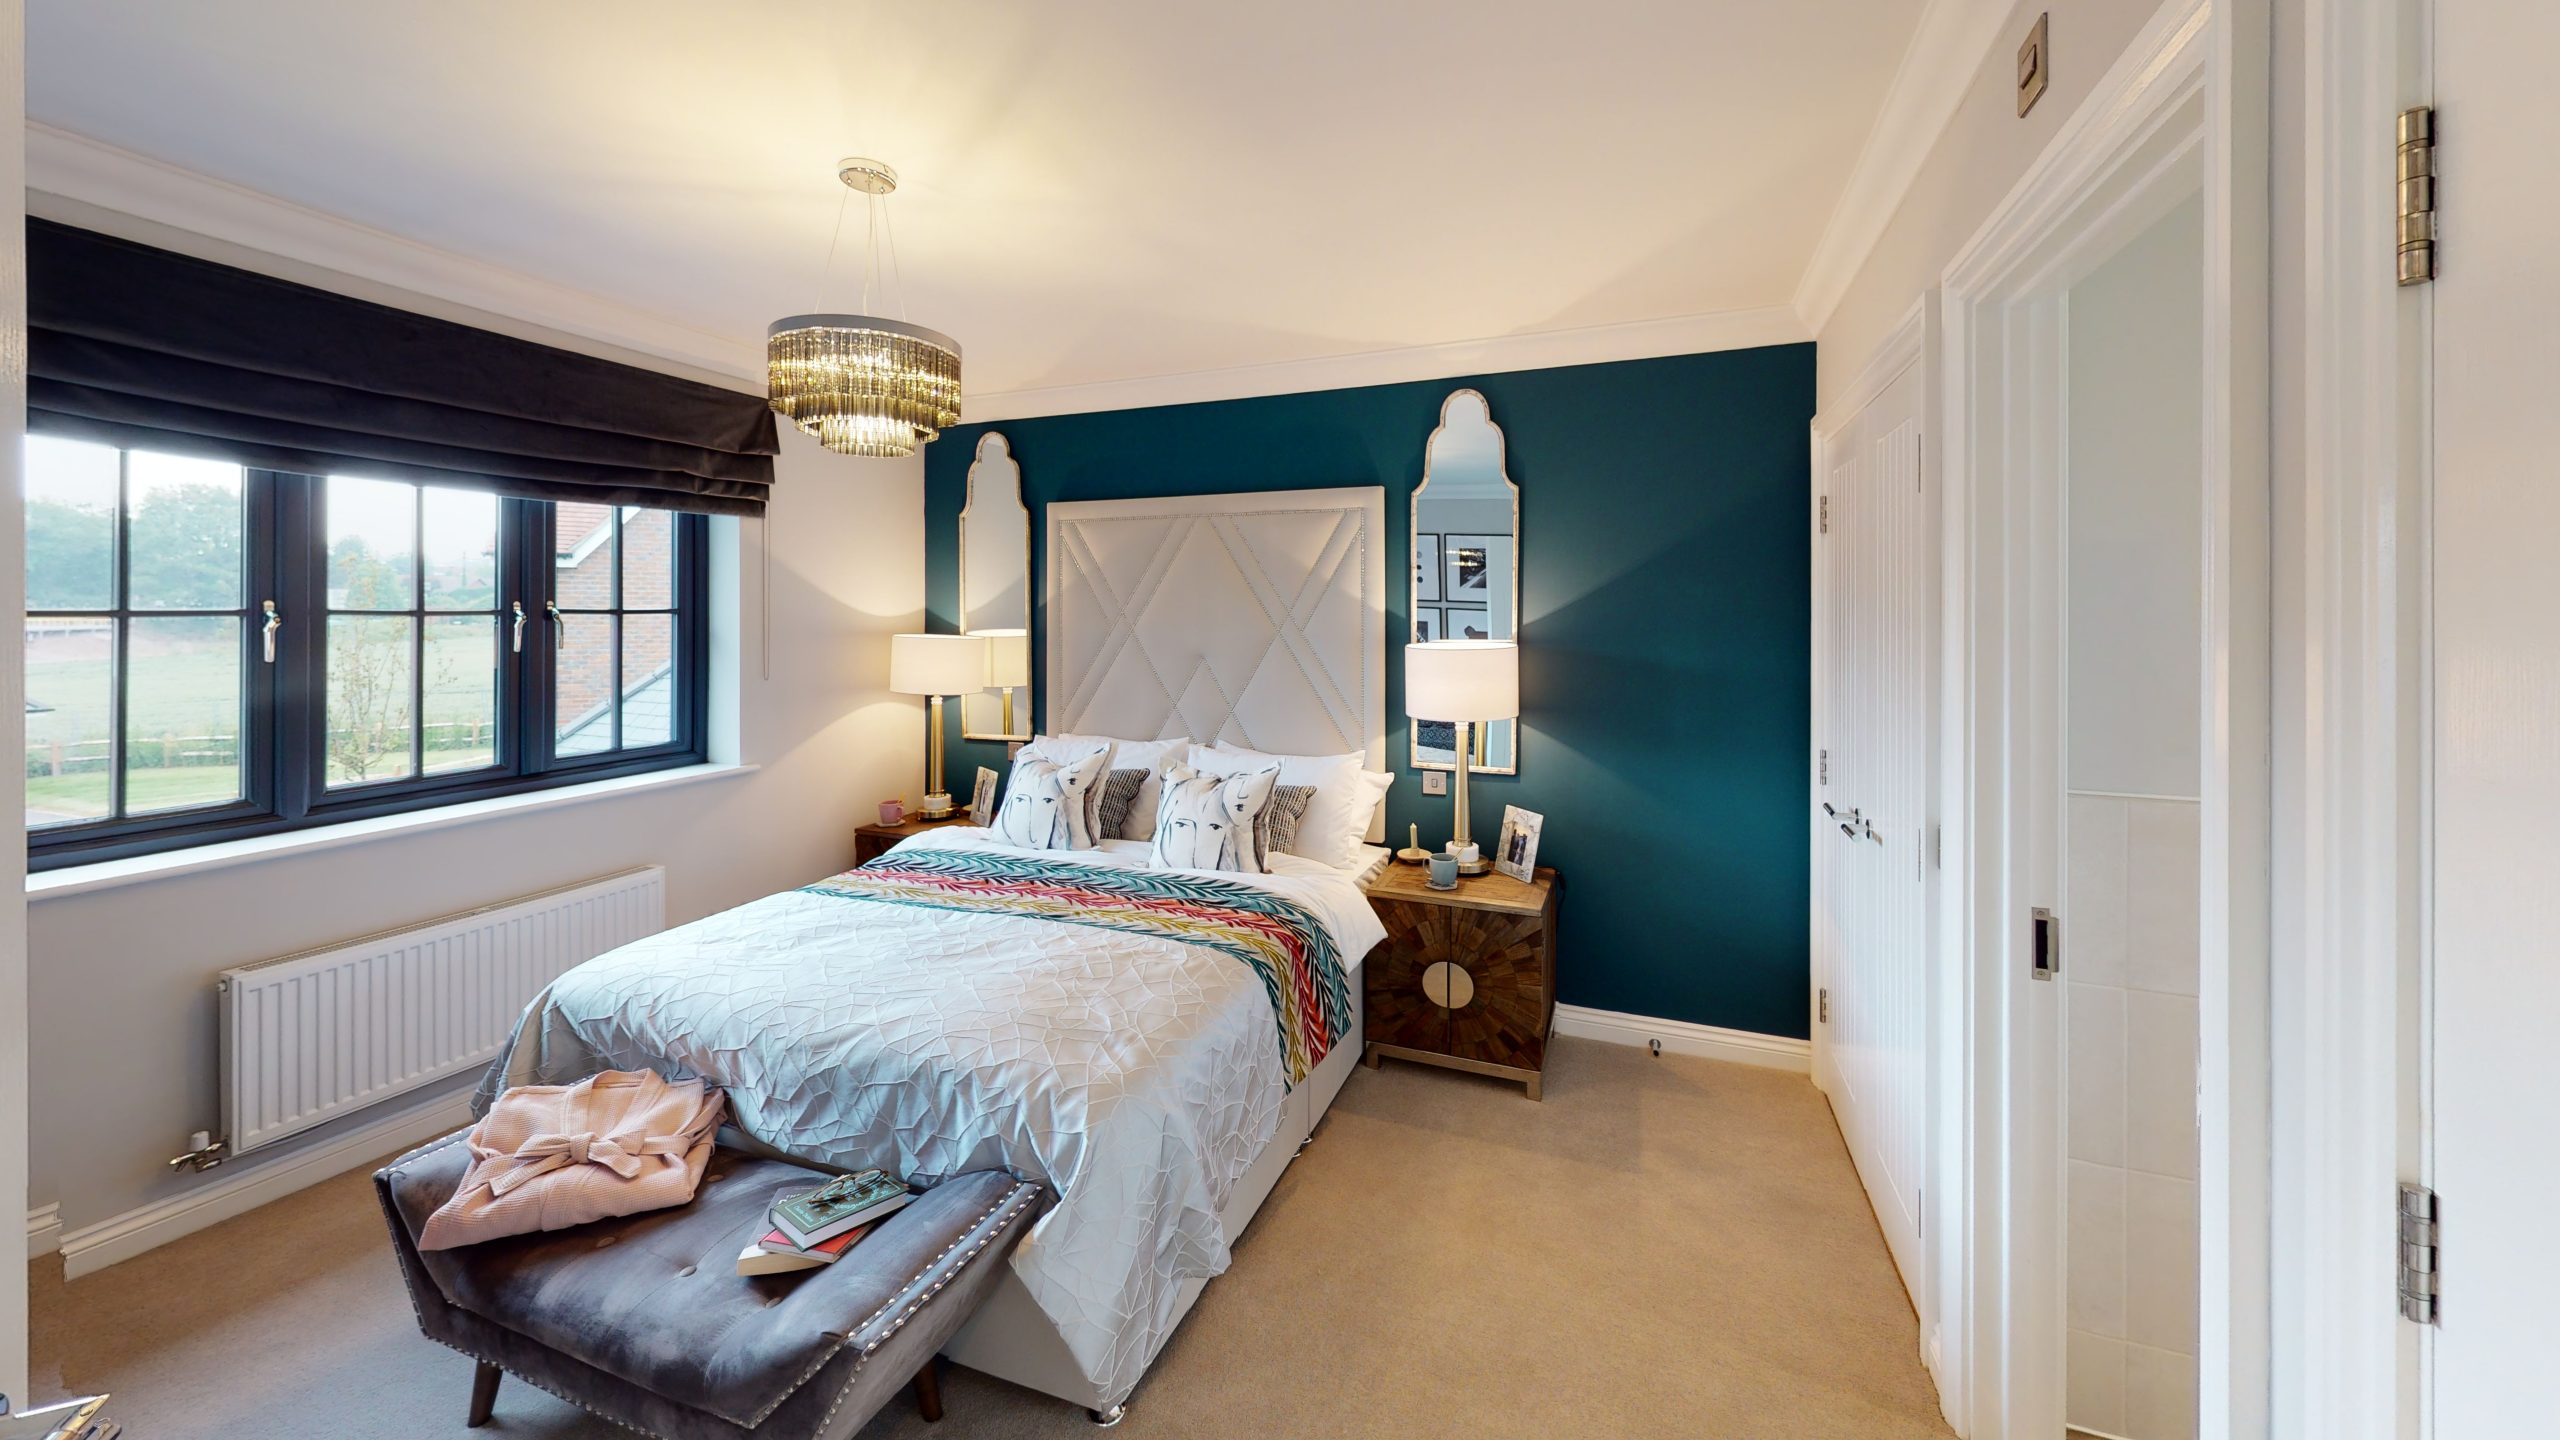 Bakers Field Bedroom